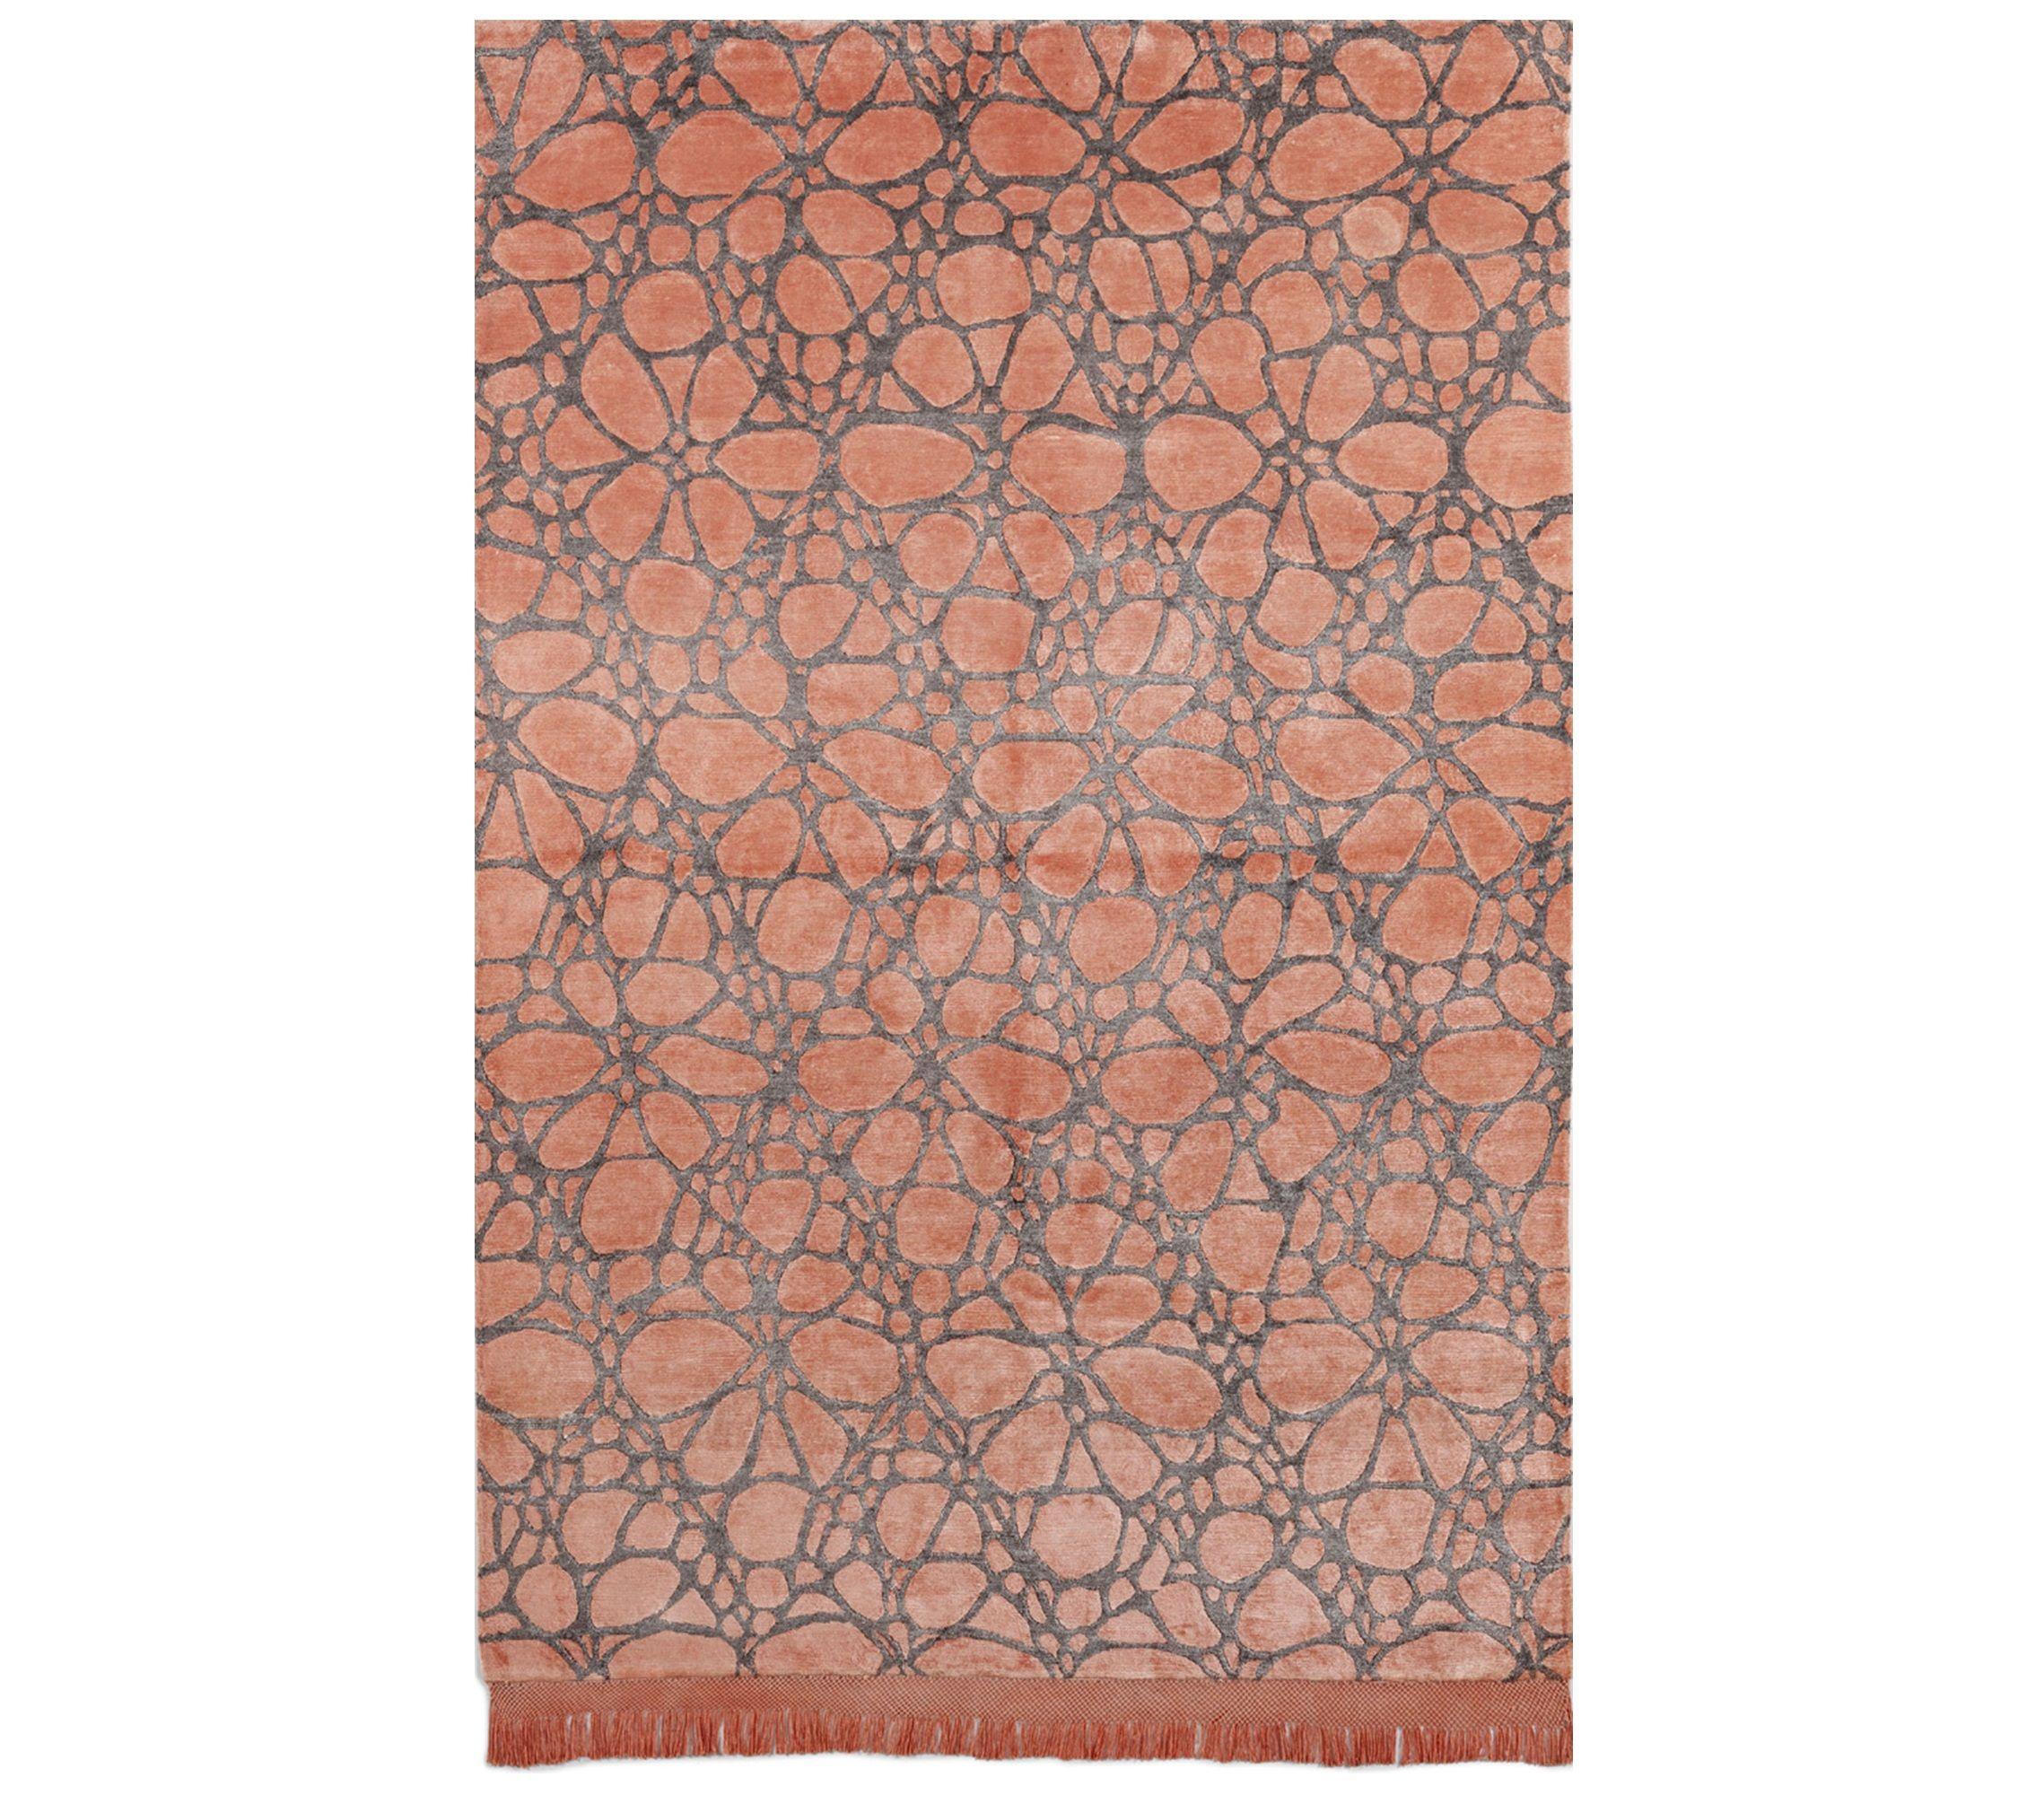 La alfombra del d a dante nocturno melocot n alfombras - Alfombras de bambu a medida ...